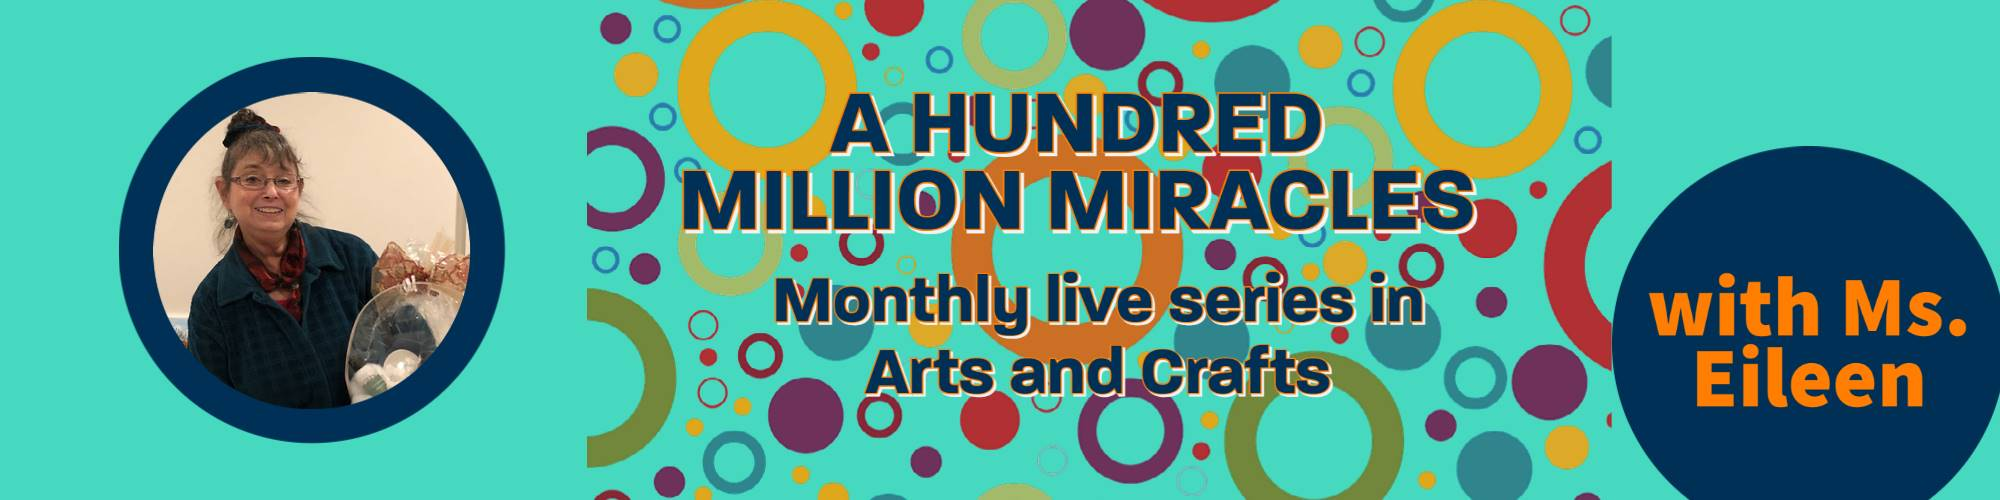 A hundred million 1